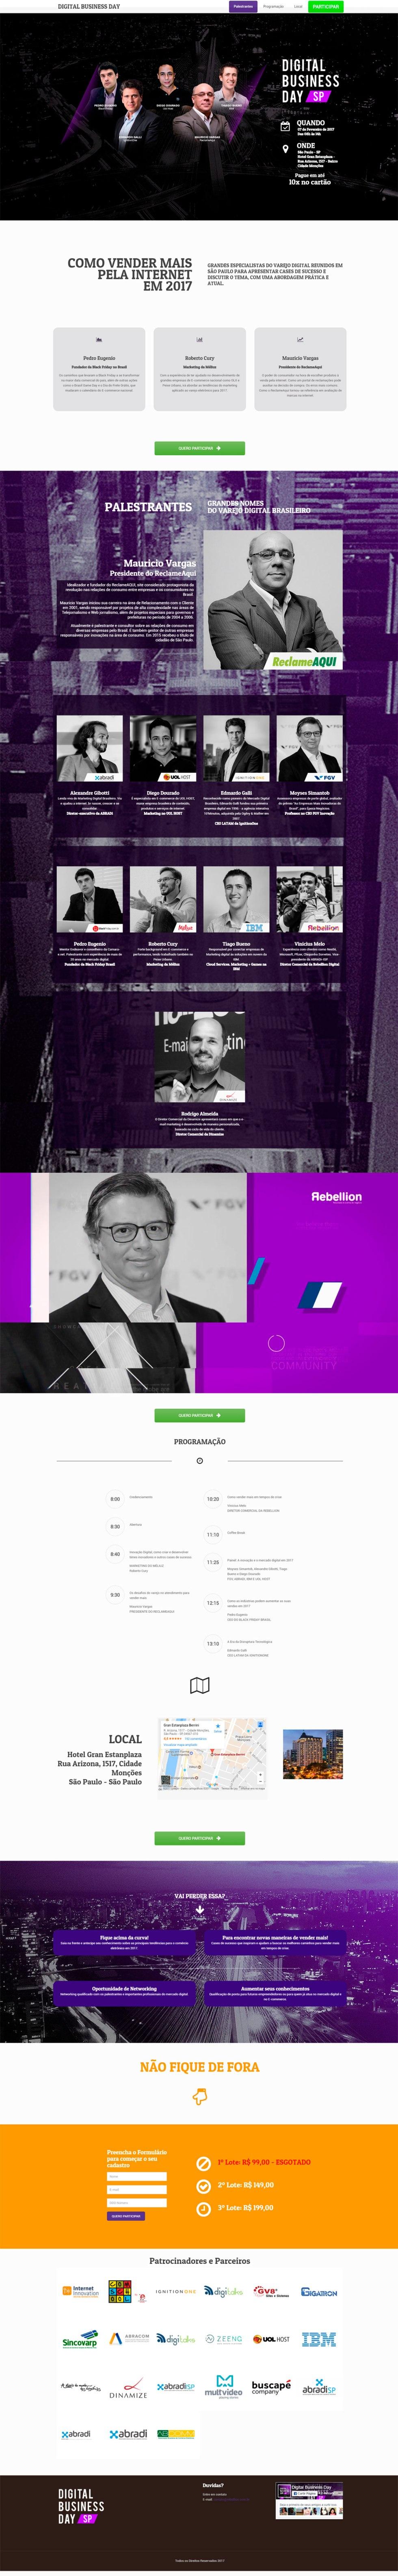 digital-business-day-evento-de-marketing-digital